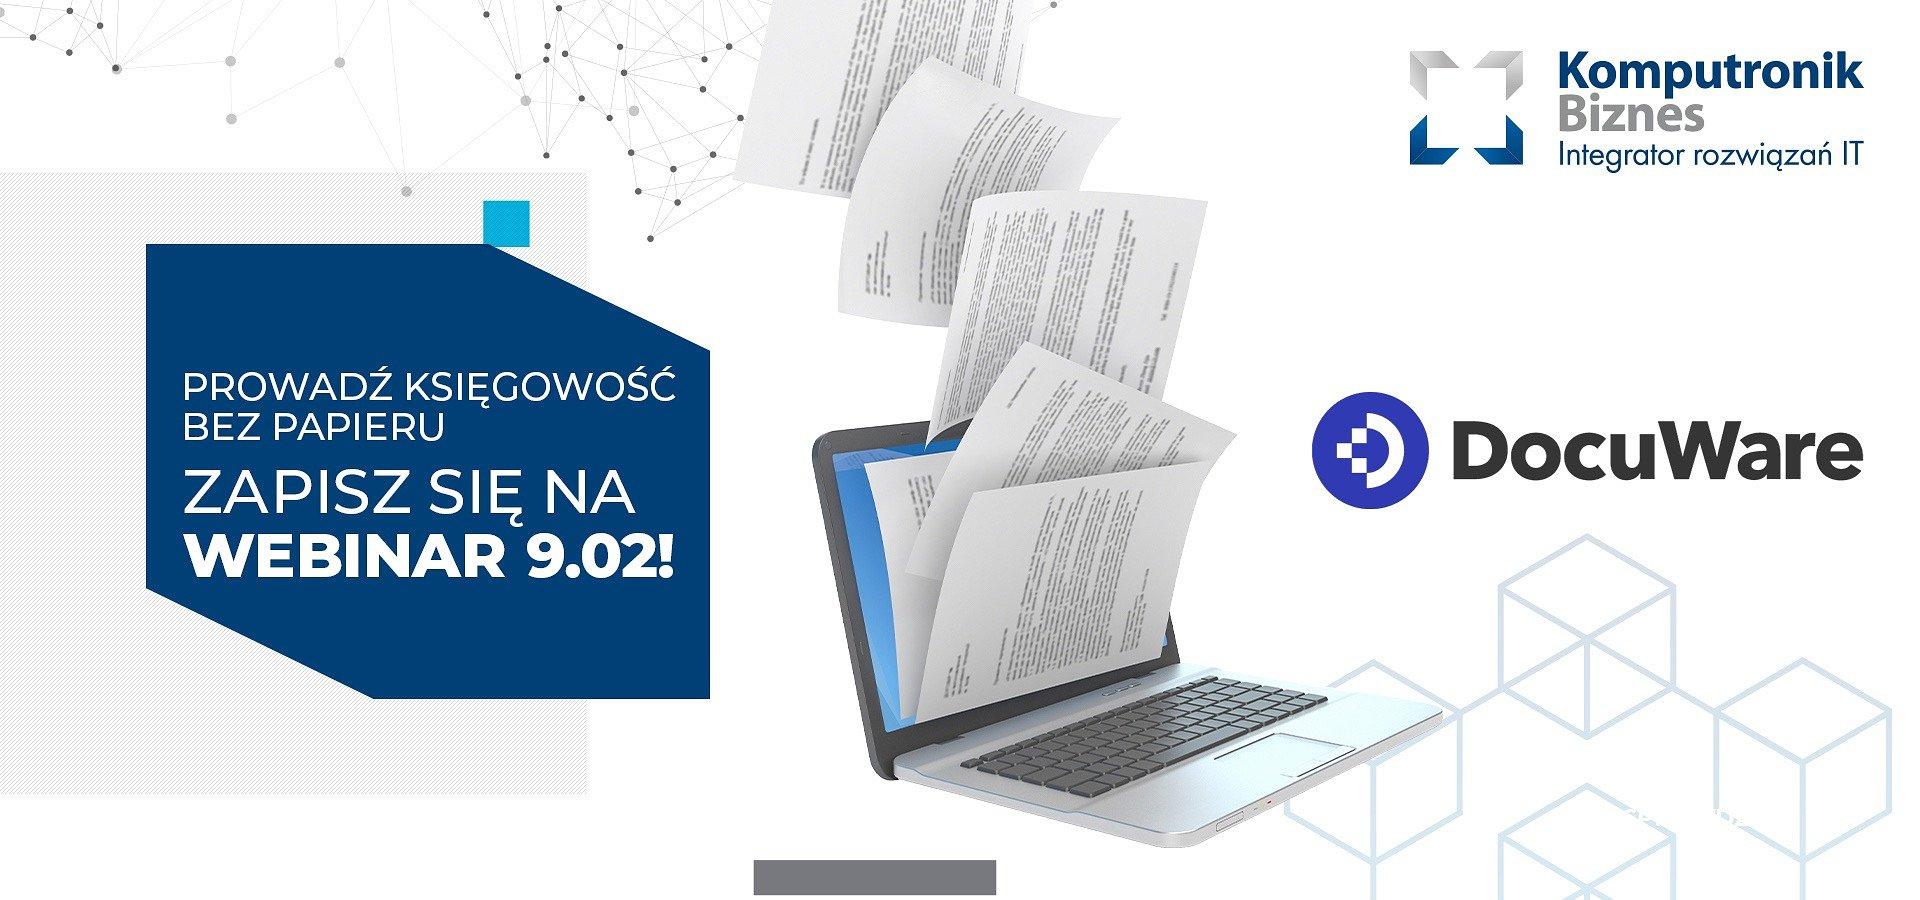 Prowadź księgowość bez papieru! Weź udział w darmowym webinarze i poznaj zalety DocuWare